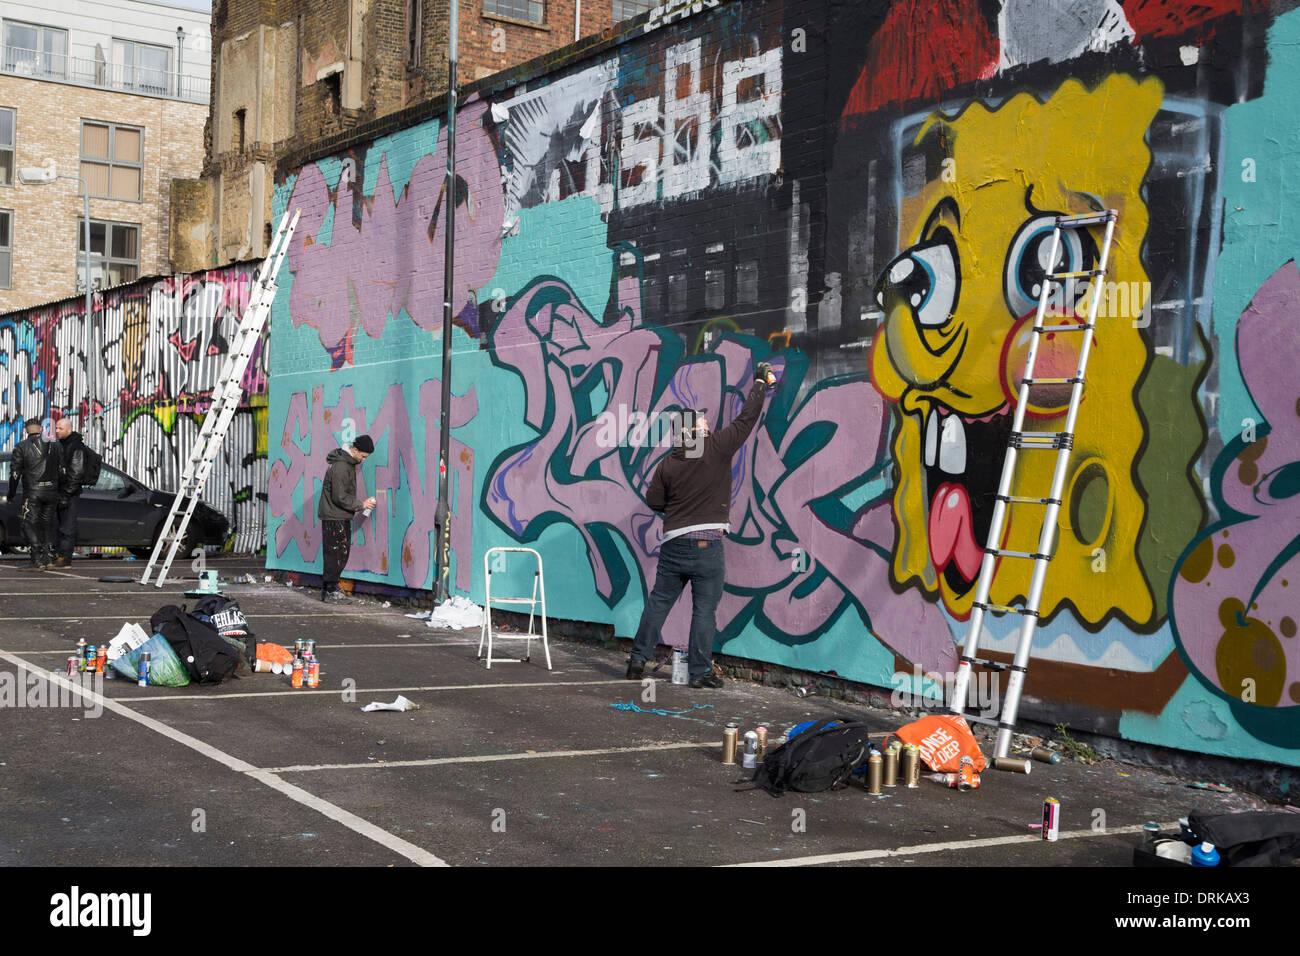 Grafitti wall painting - Graffiti Wall In Shoreditch London Graffiti Artists Working Spray Painting Wall